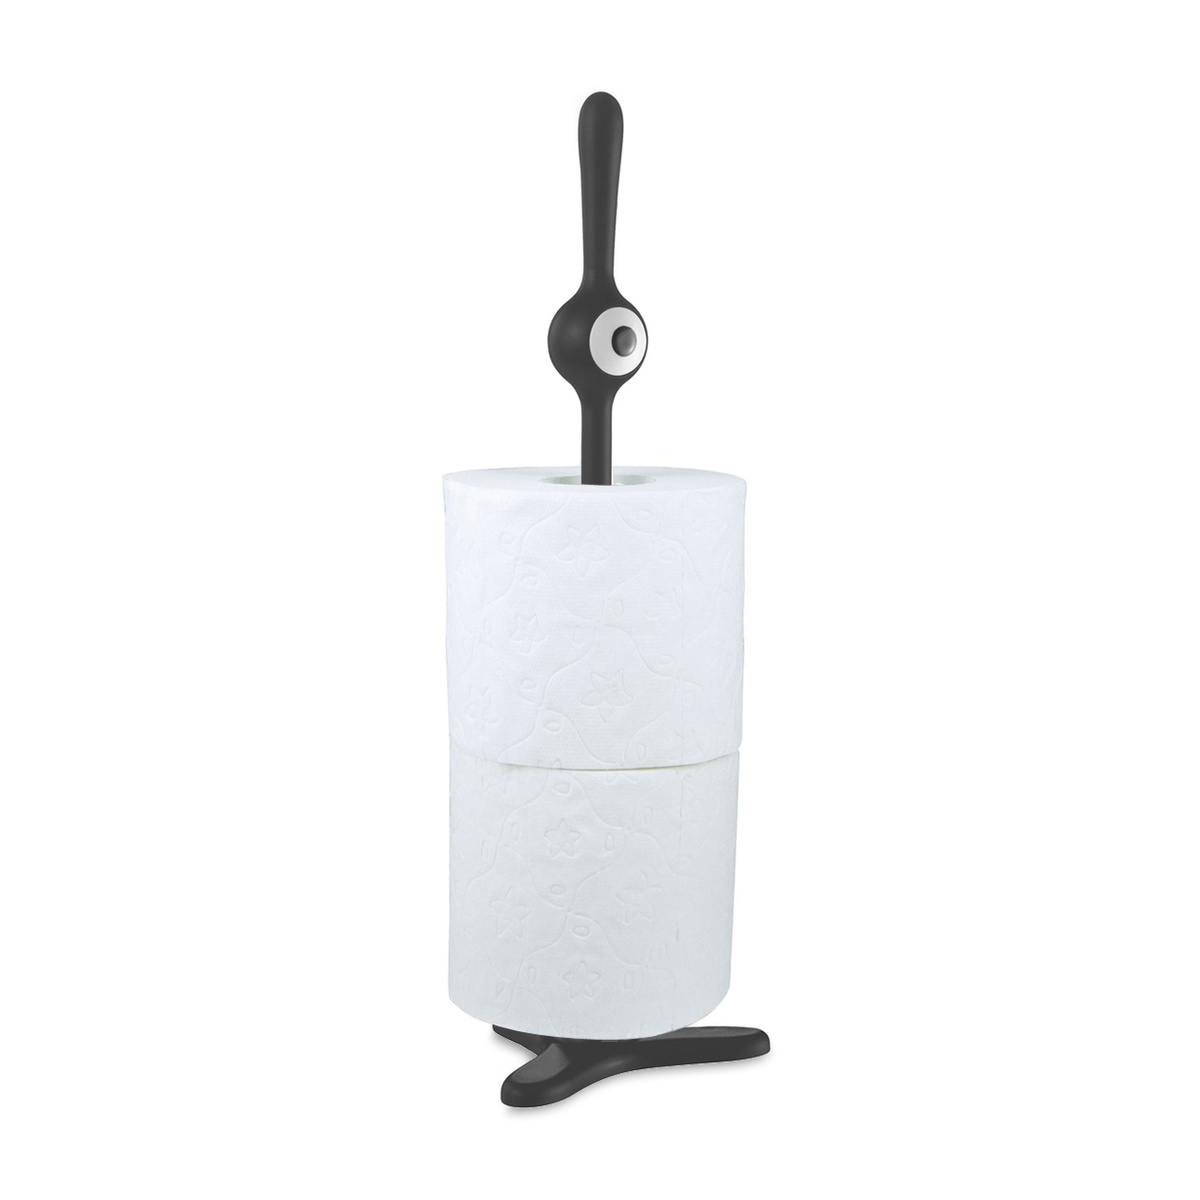 Porta carta igienica da terra toq by koziol lovethesign - Porta carta igienica da terra ...